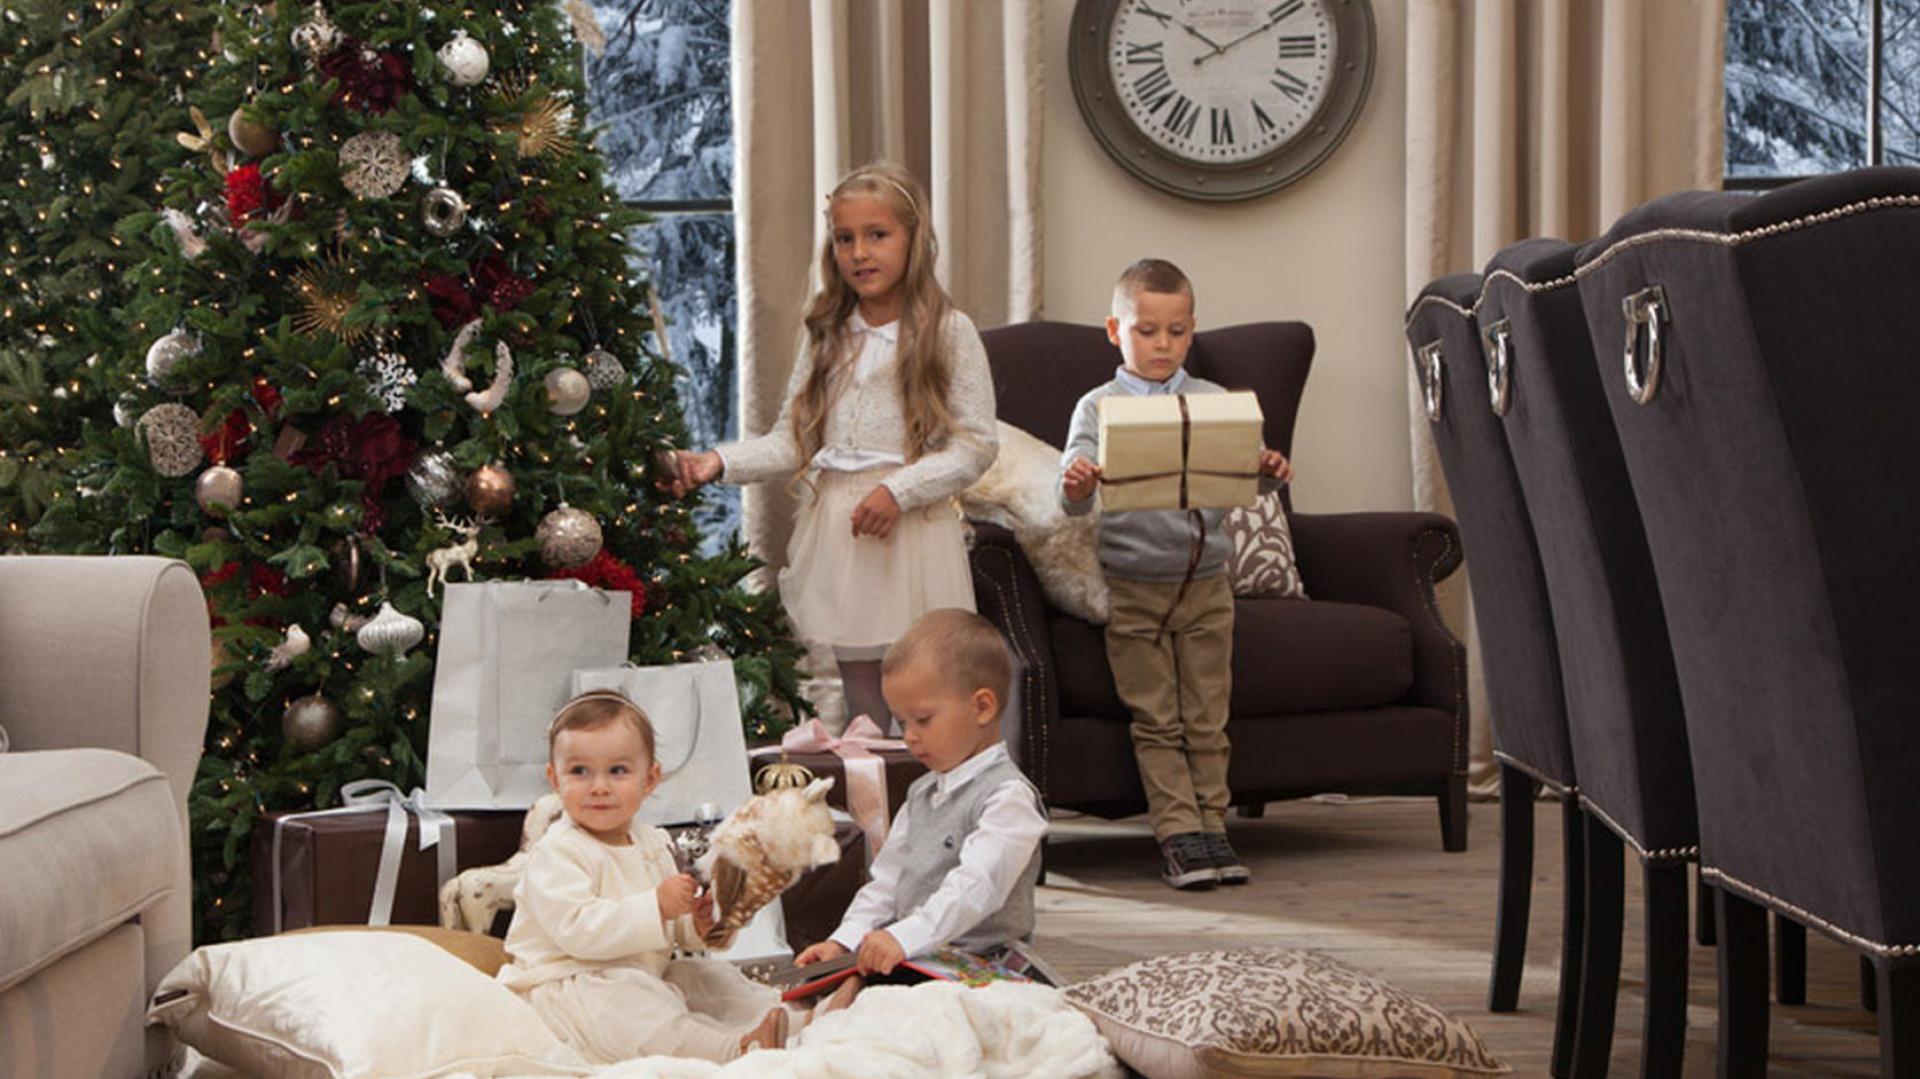 Kolekcja ozdób świątecznych British chic z oferty marki Almi Decor. Fot. Almi Decor.